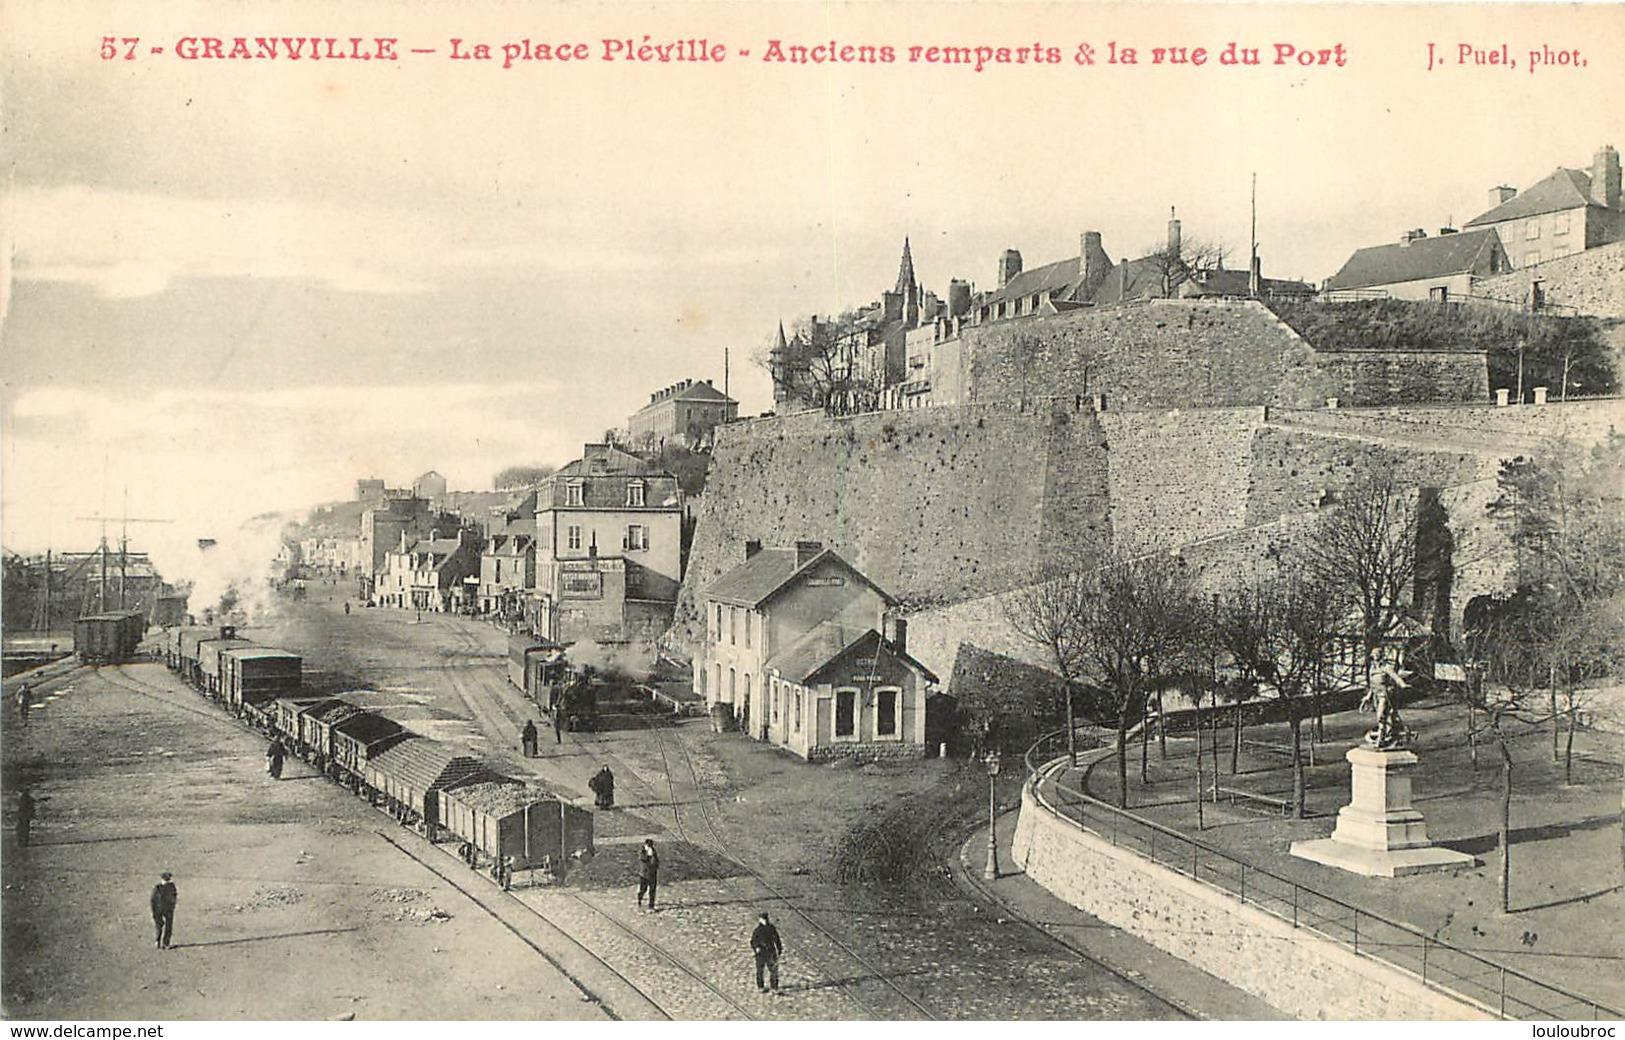 GRANVILLE LA PLACE PLEVILLE ANCIENS REMPARTS ET RUE DU PORT - Granville